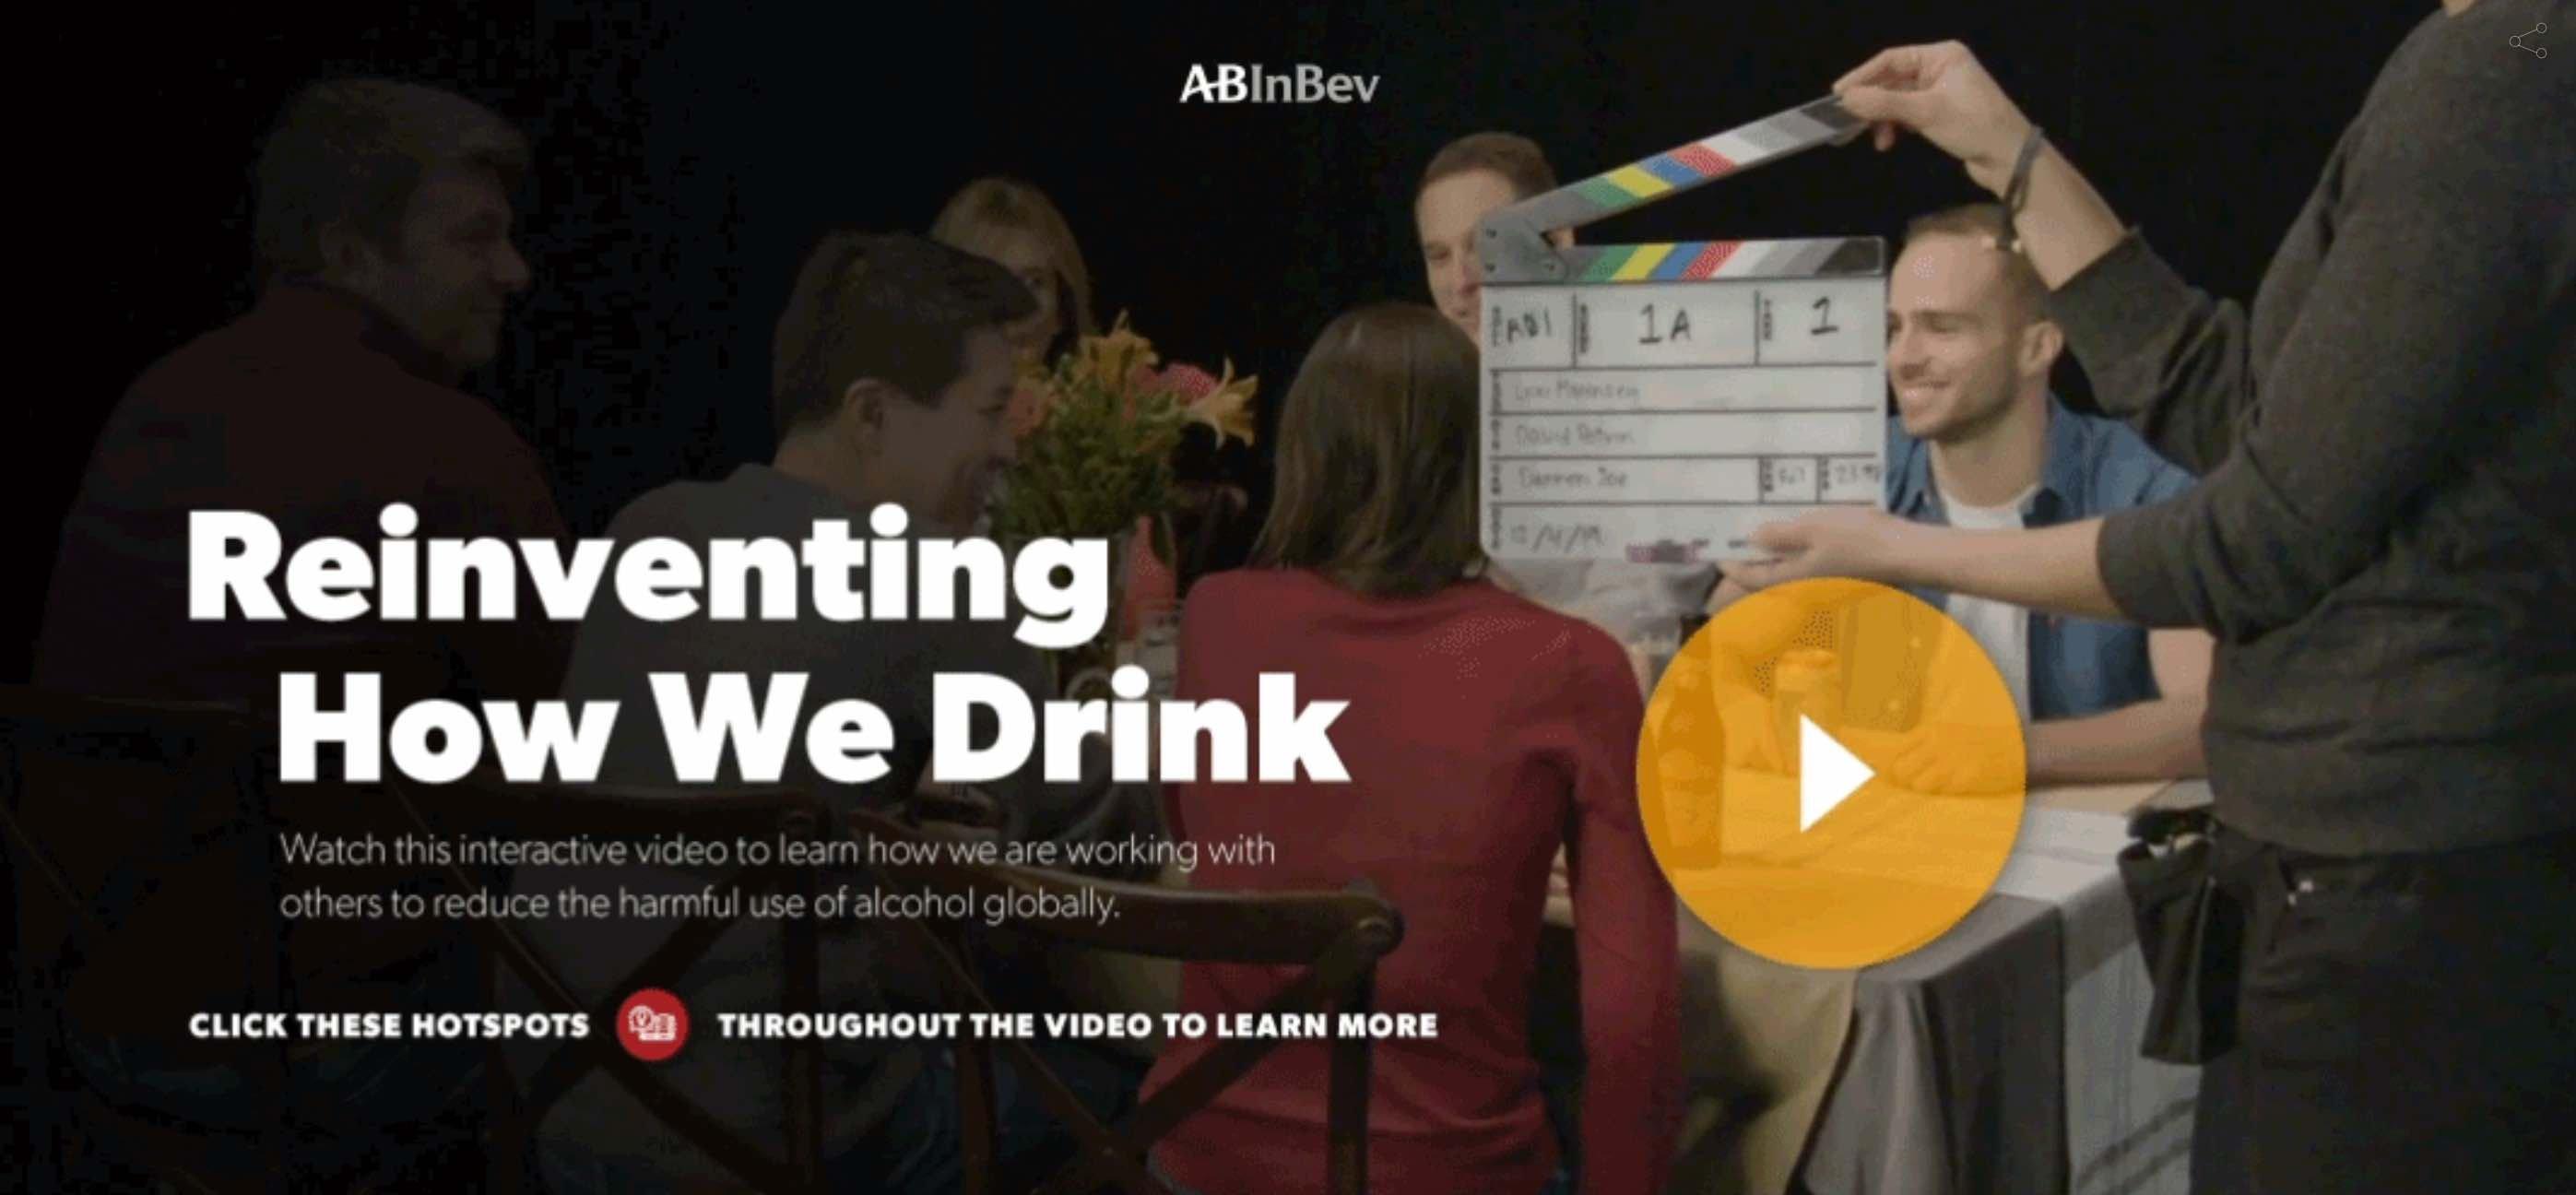 ABinBev Interactive